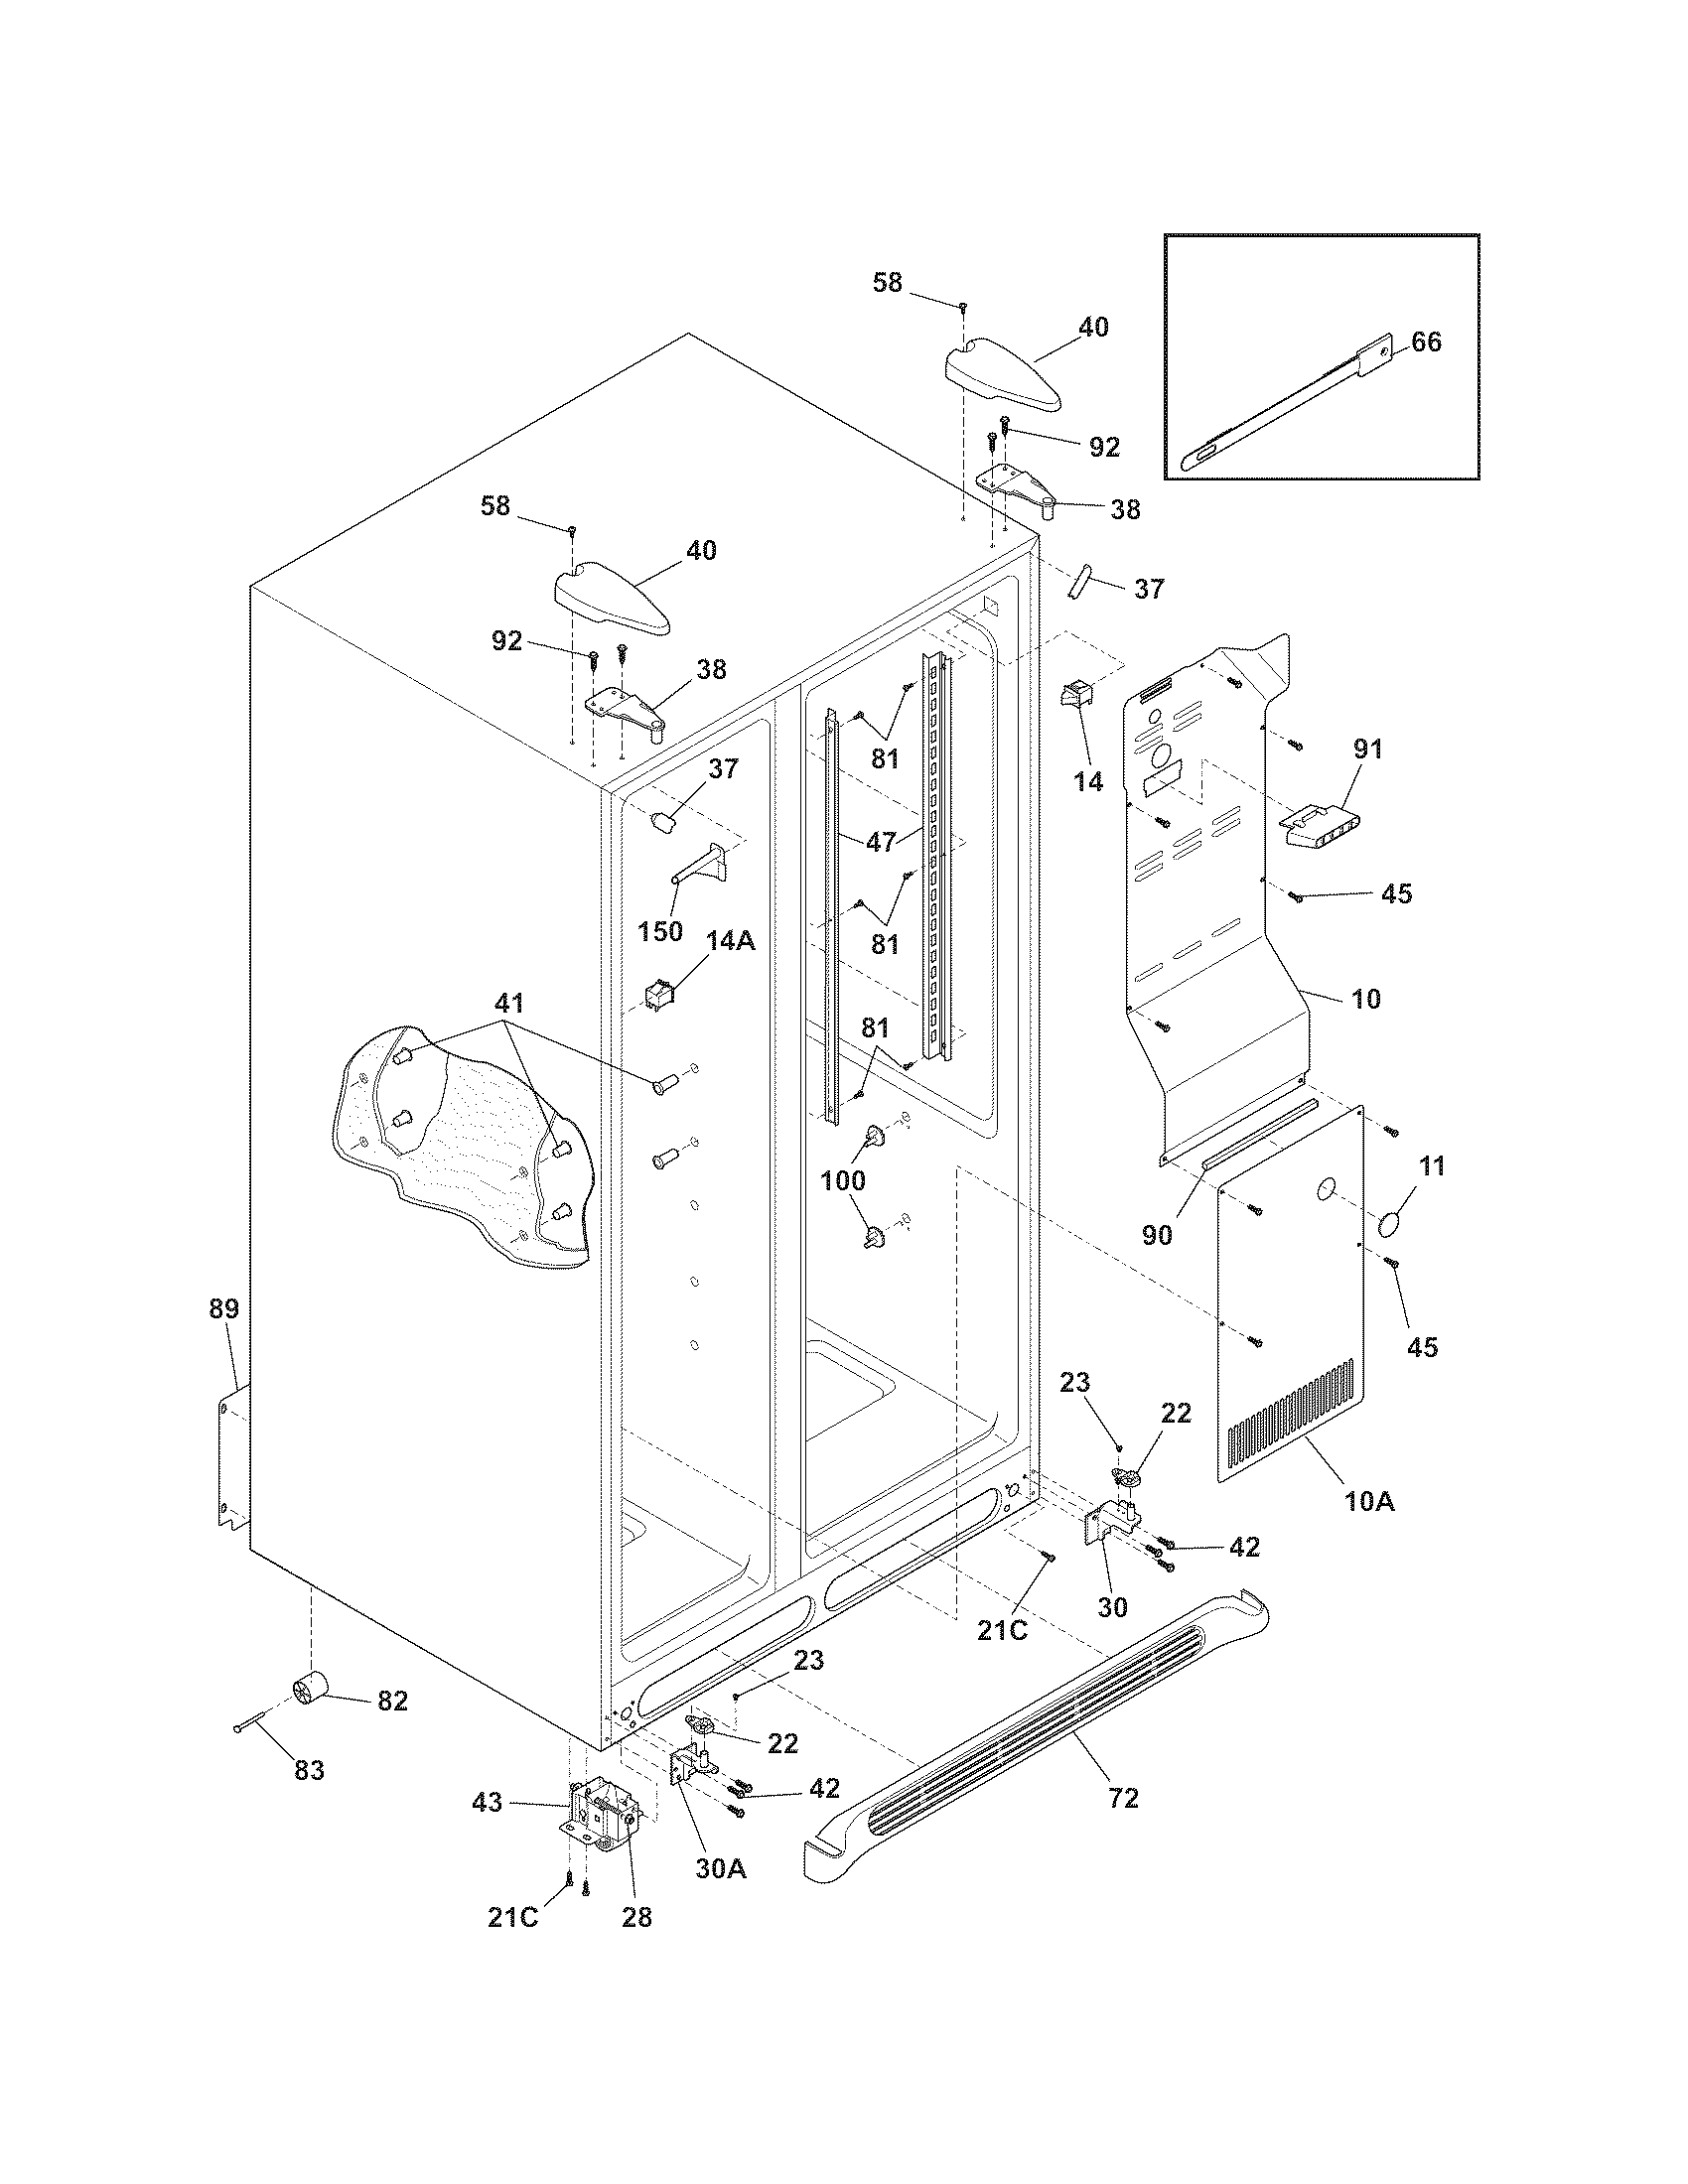 frigidaire model no ffth1022r2 manual